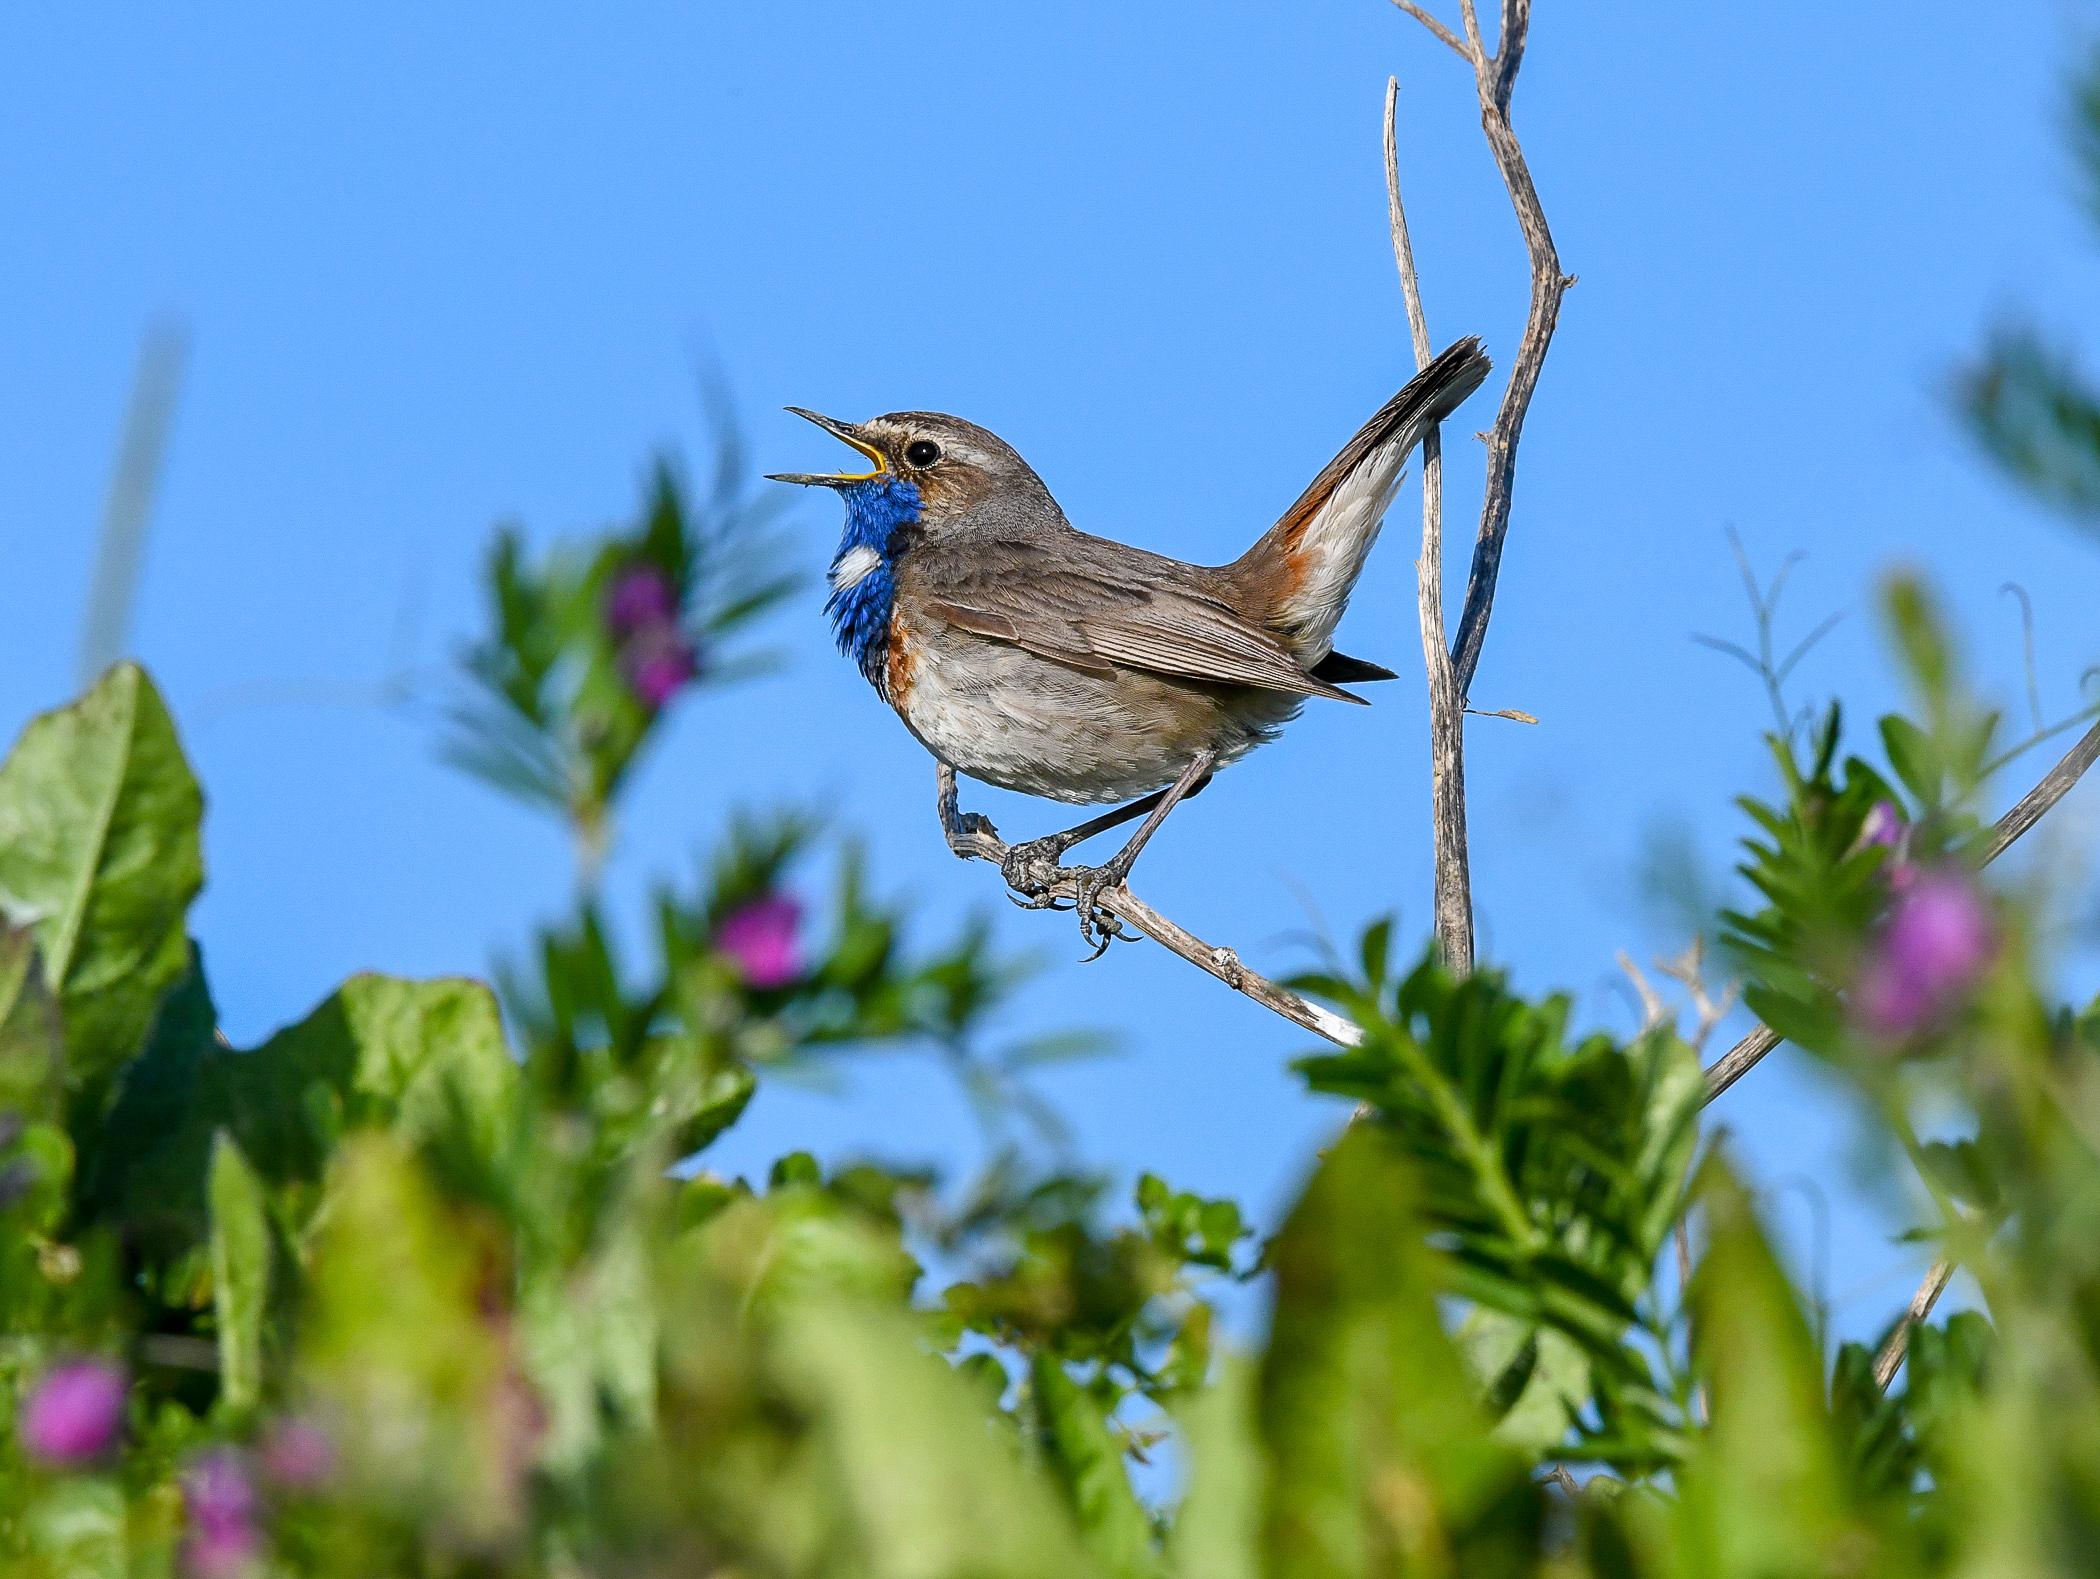 La gorge bleue emblème des zones littorales de la région du marais poitevin